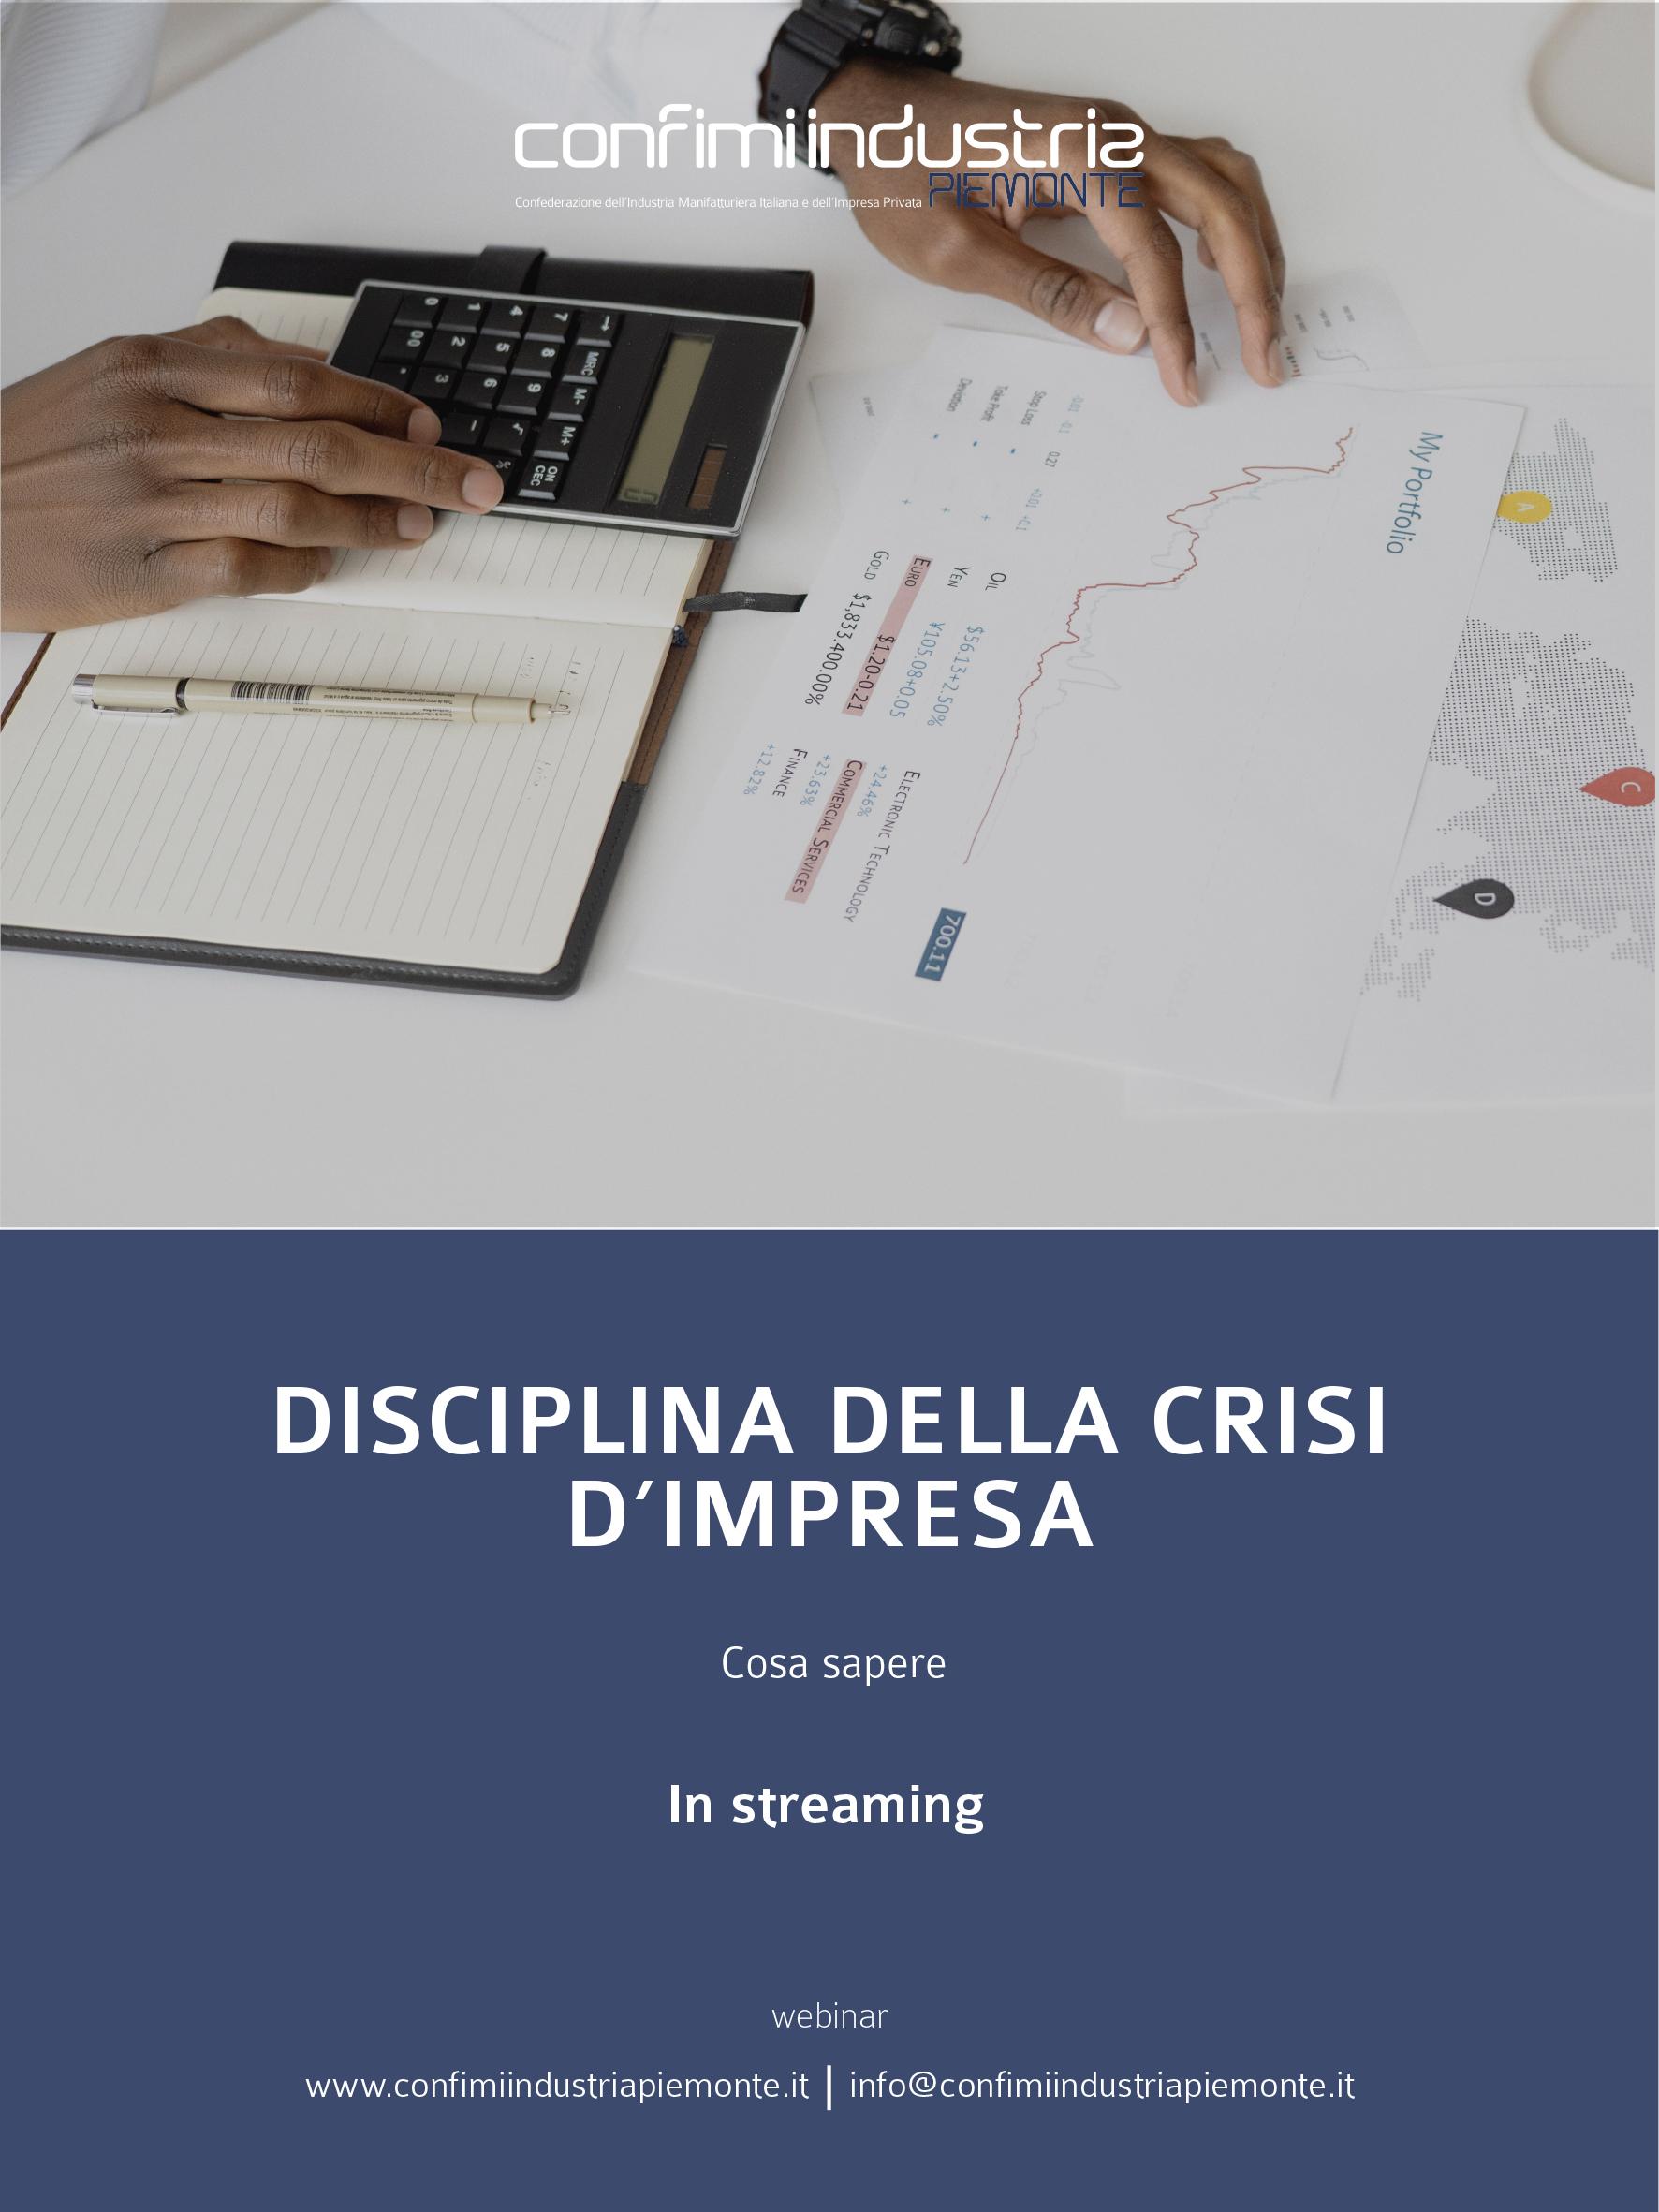 Flyer - Disciplina della crisi d'impresa